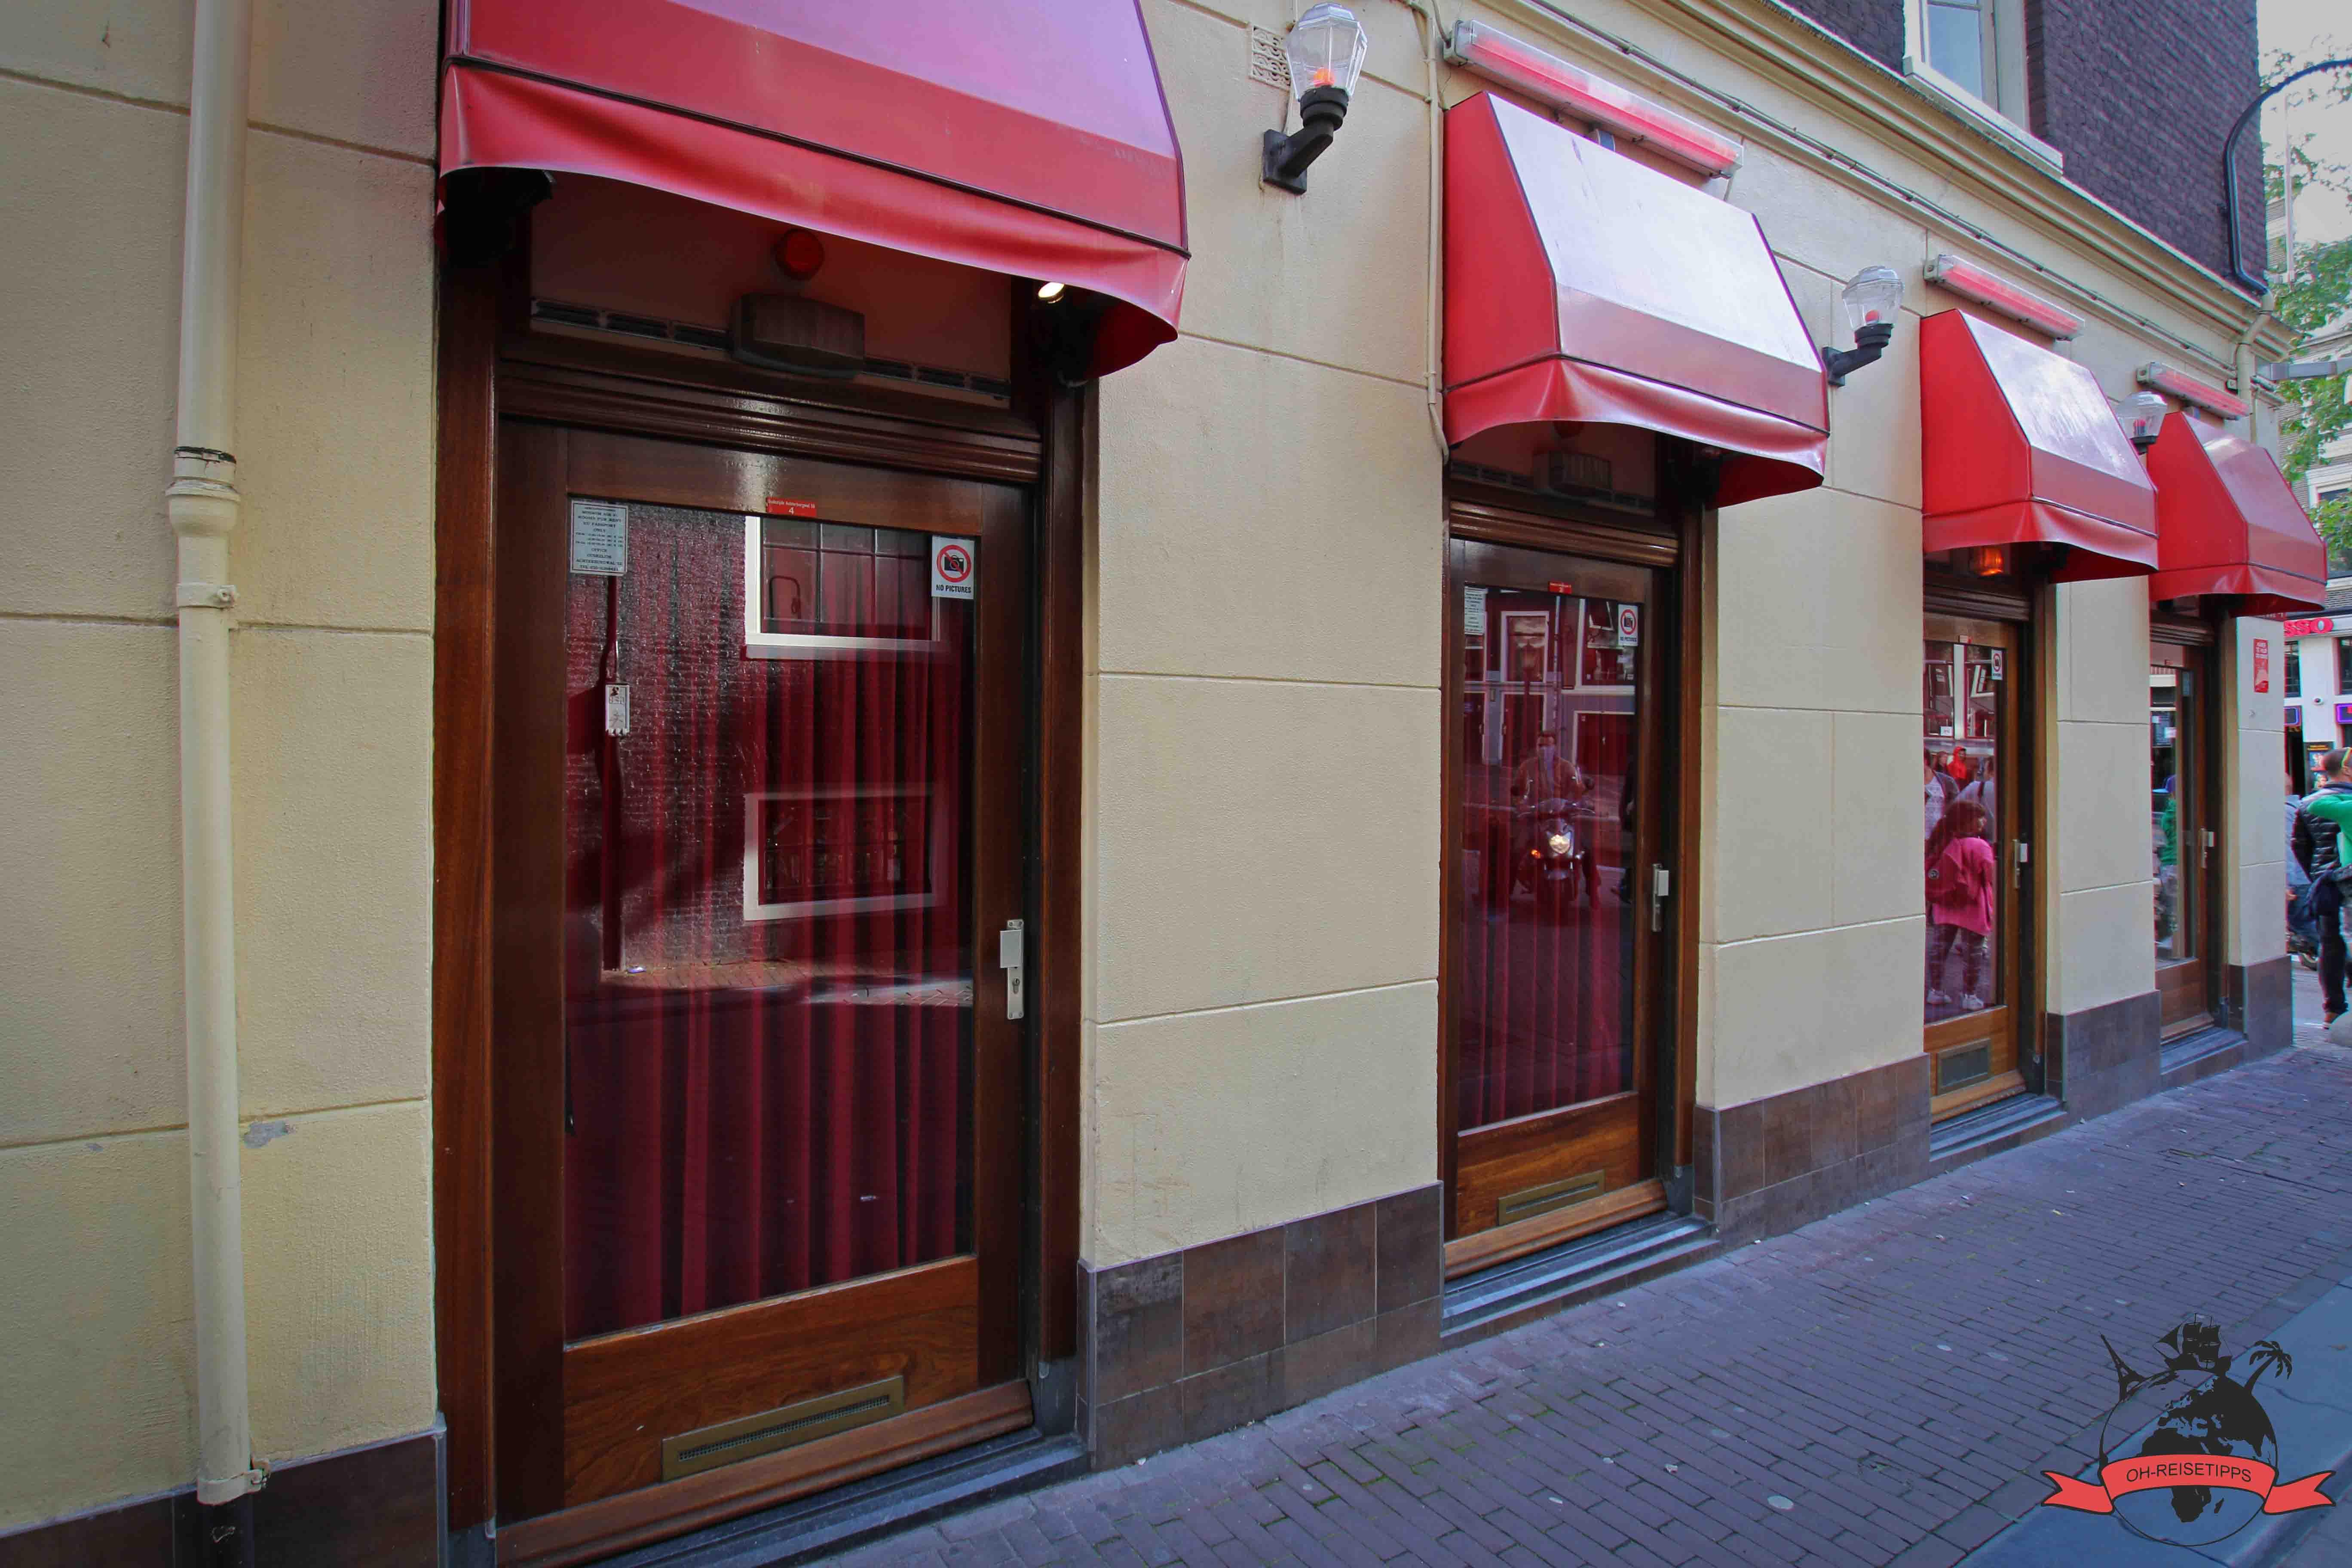 niederlande-amsterdam-rotlichtviertel-tagsueber